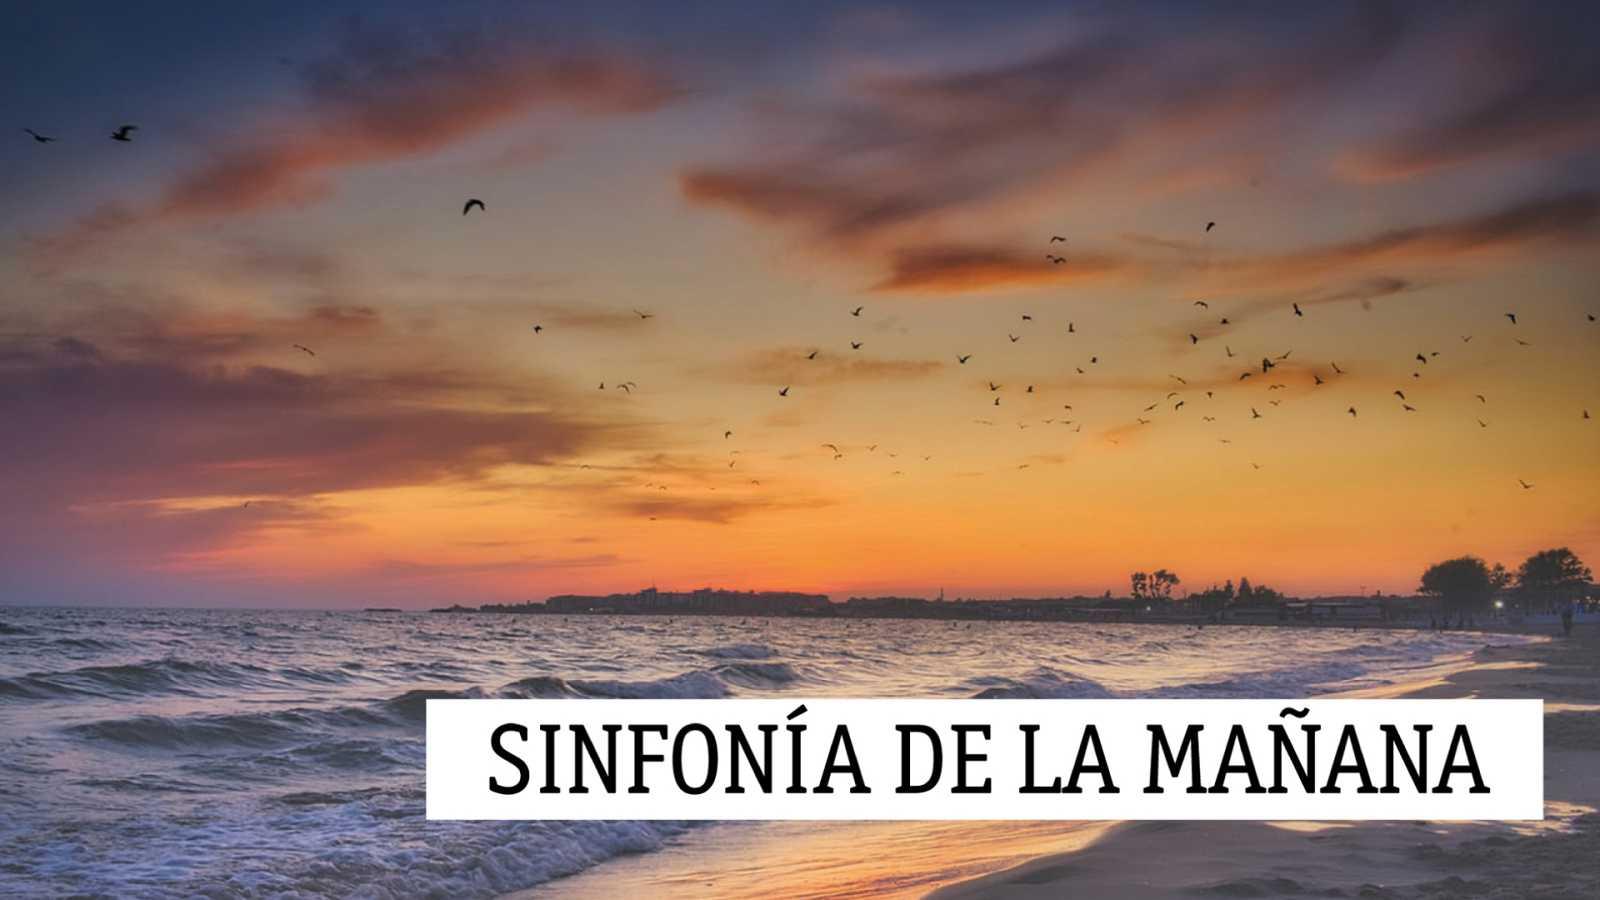 Sinfonía de la mañana - Fritz Wunderlich (Y la música de Alejandro López Andrada) - 09/04/21 - escuchar ahora